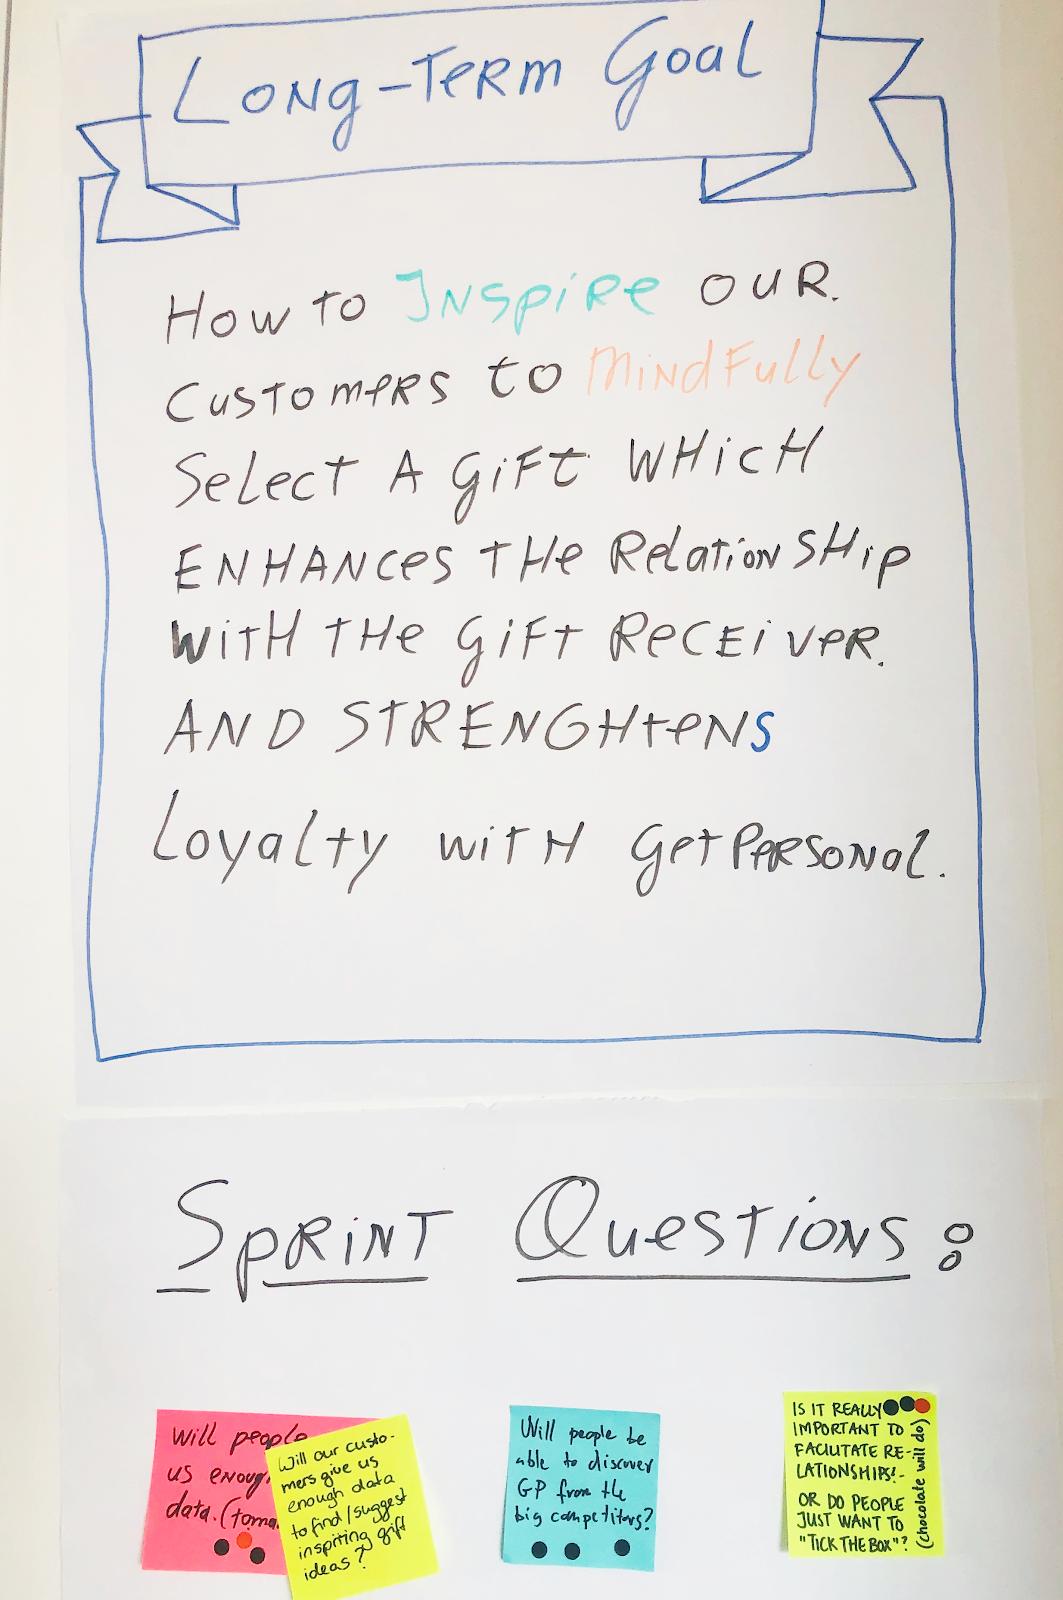 Langtidsmål og sprintspørsmål